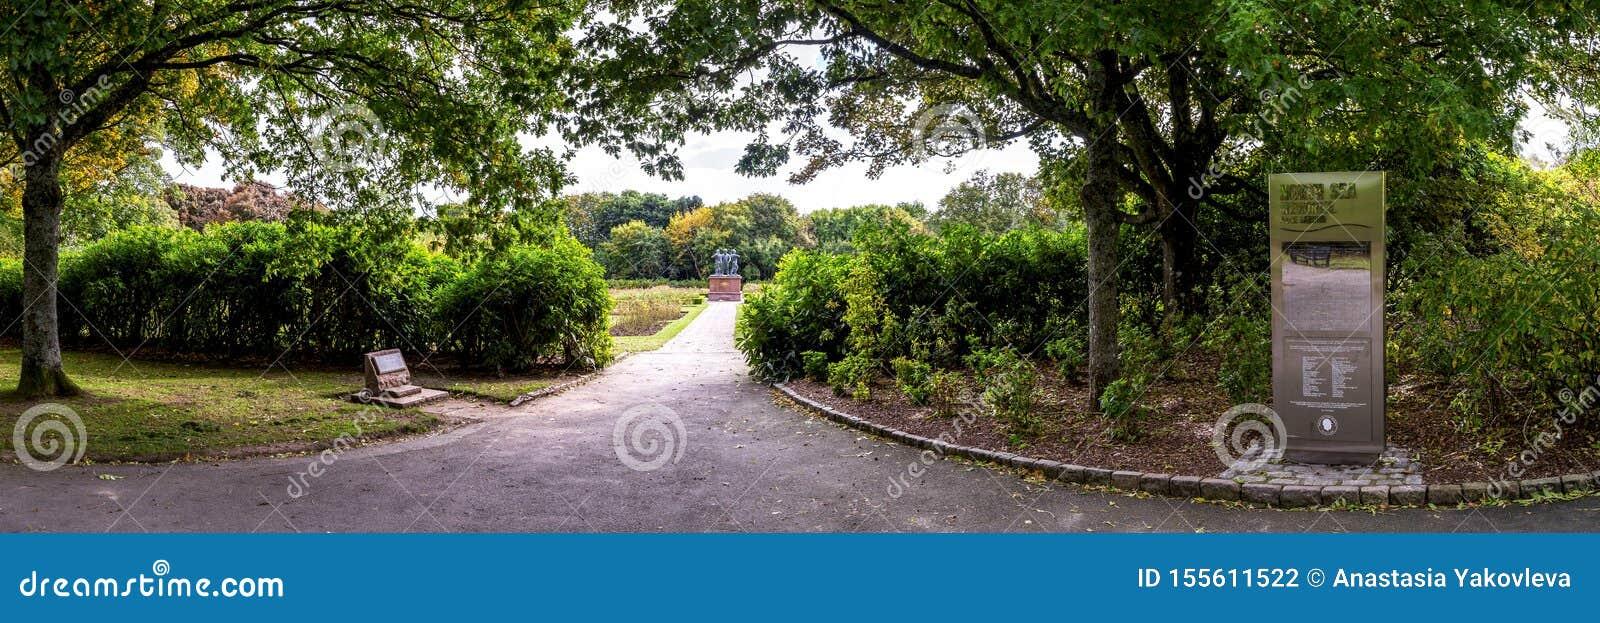 Uma entrada ao memorial do Mar do Norte e jardim de rosas no parque de Hazlehead, Aberdeen, Escócia